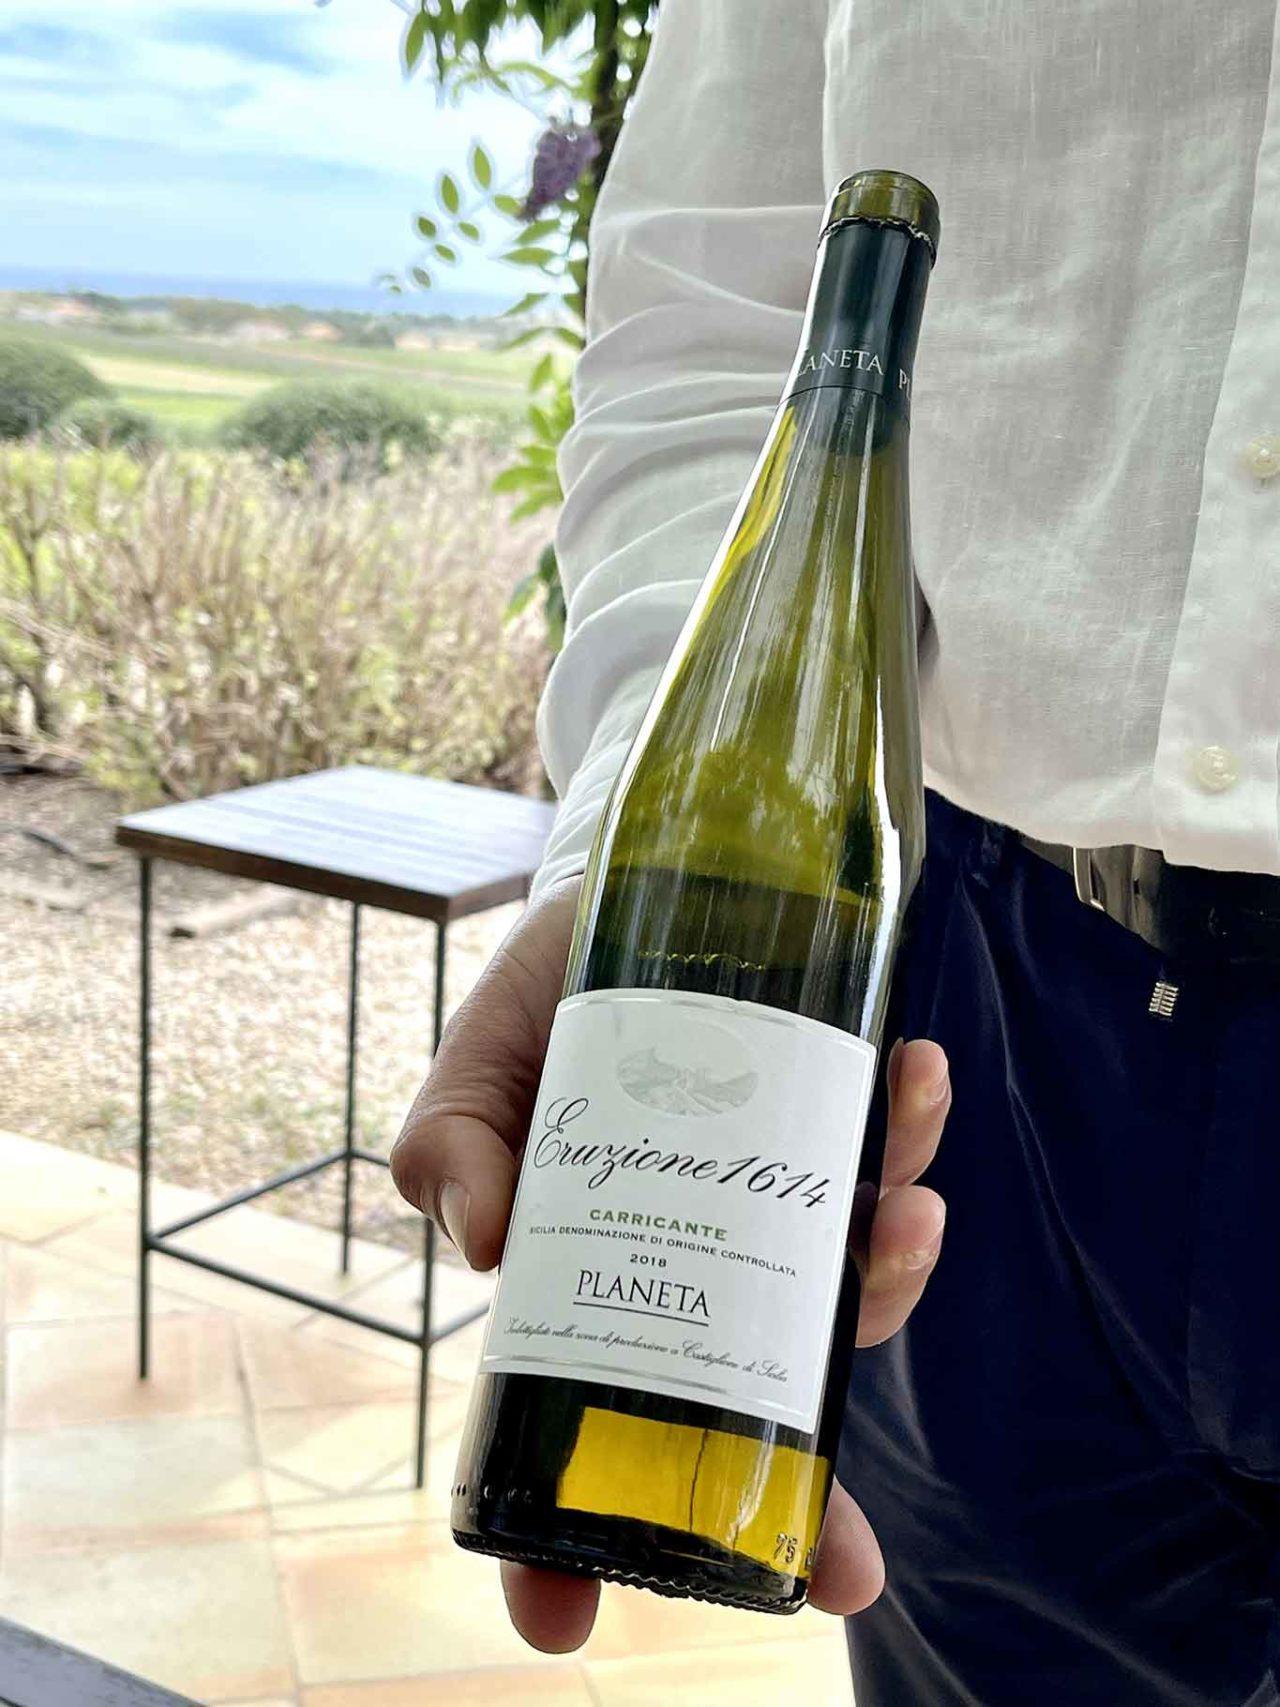 vino carricante Eruzione 1614